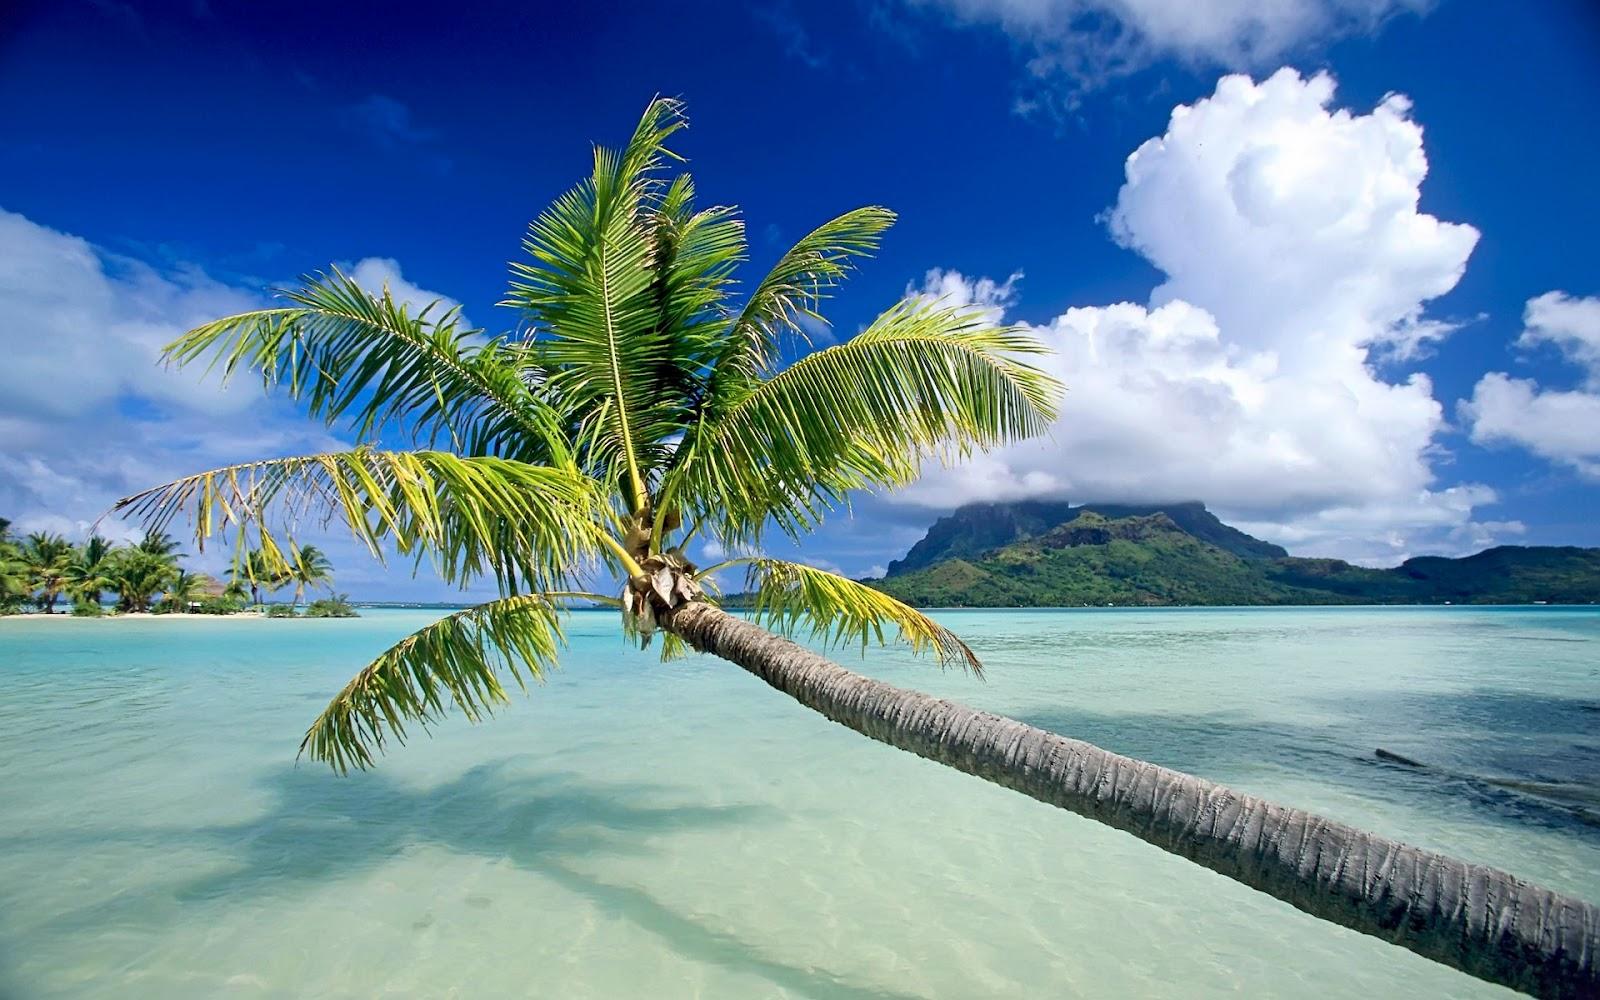 http://3.bp.blogspot.com/-sKbJwui-KFQ/UBJKGrtbDcI/AAAAAAAADpo/Yze1TtyKZMc/s1600/plage-tropical.jpg